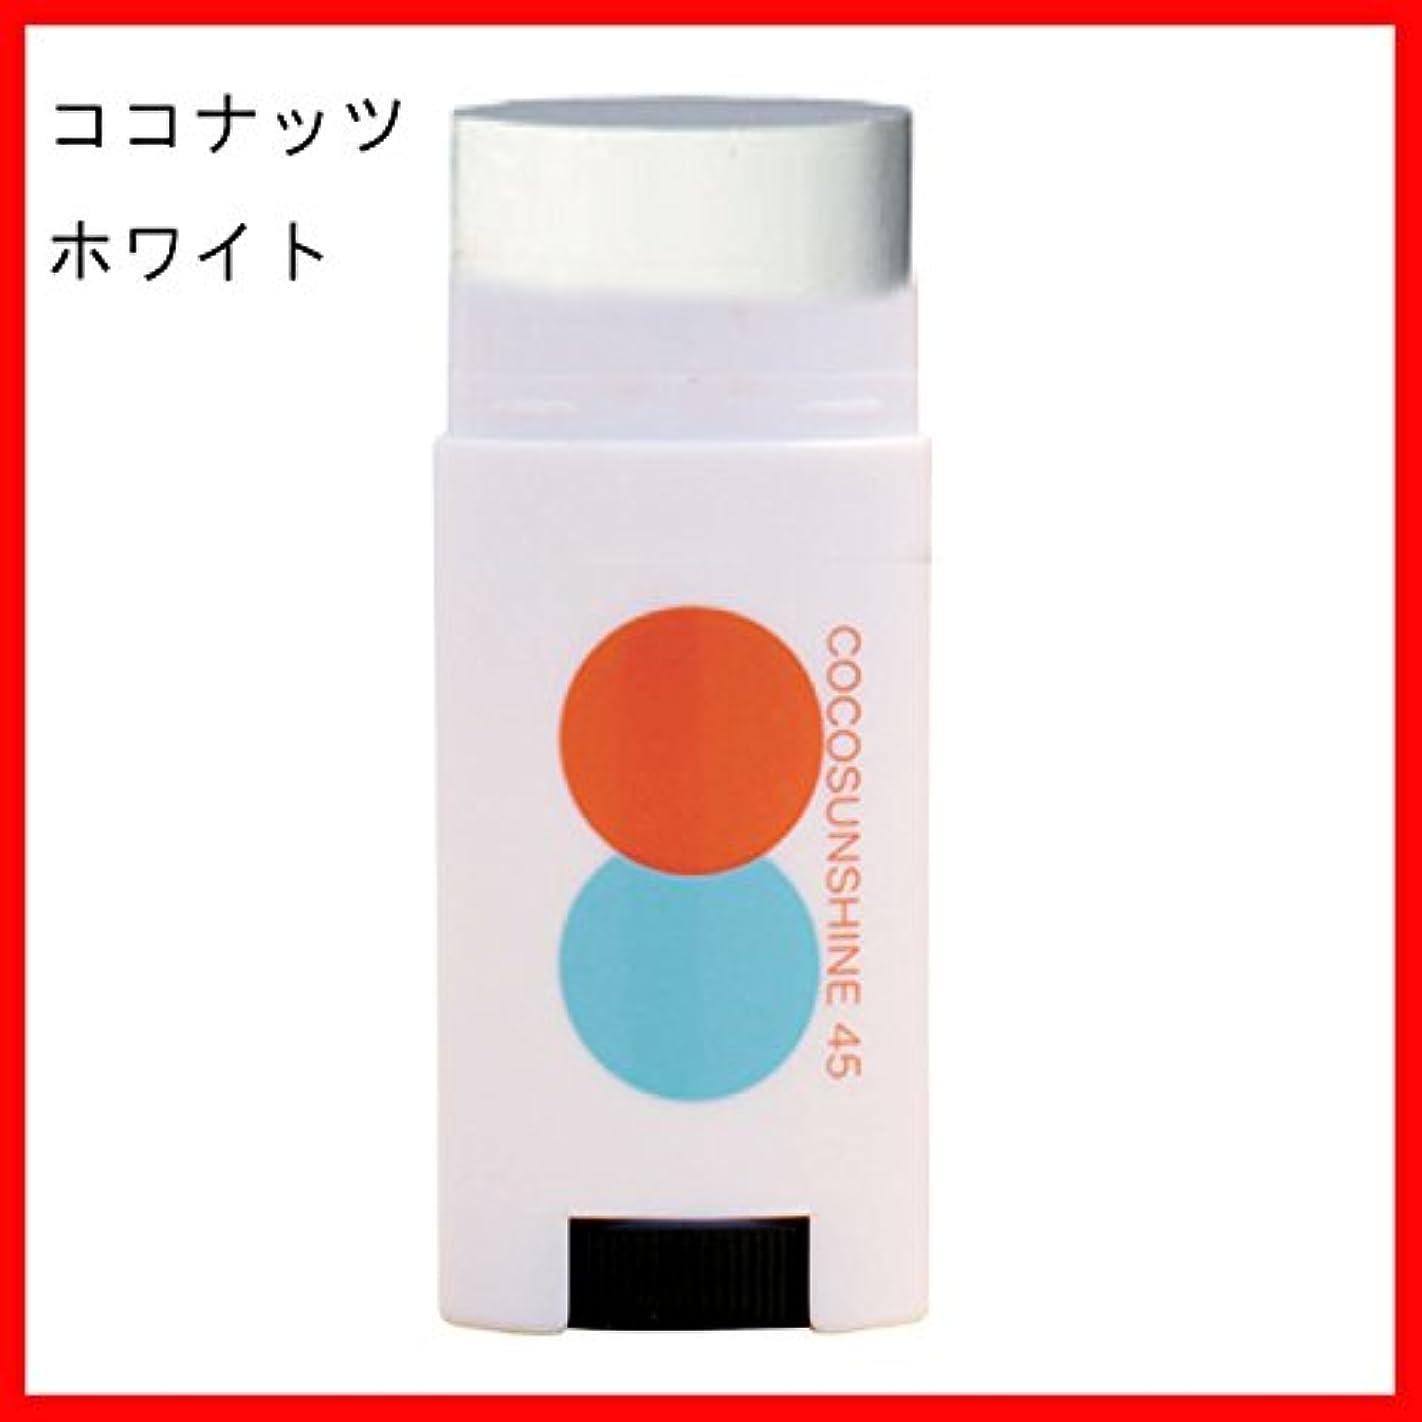 疼痛伝染性デジタルCOCOSUNSHINE(ココサンシャイン) フェイス スティック UV FACE STICK